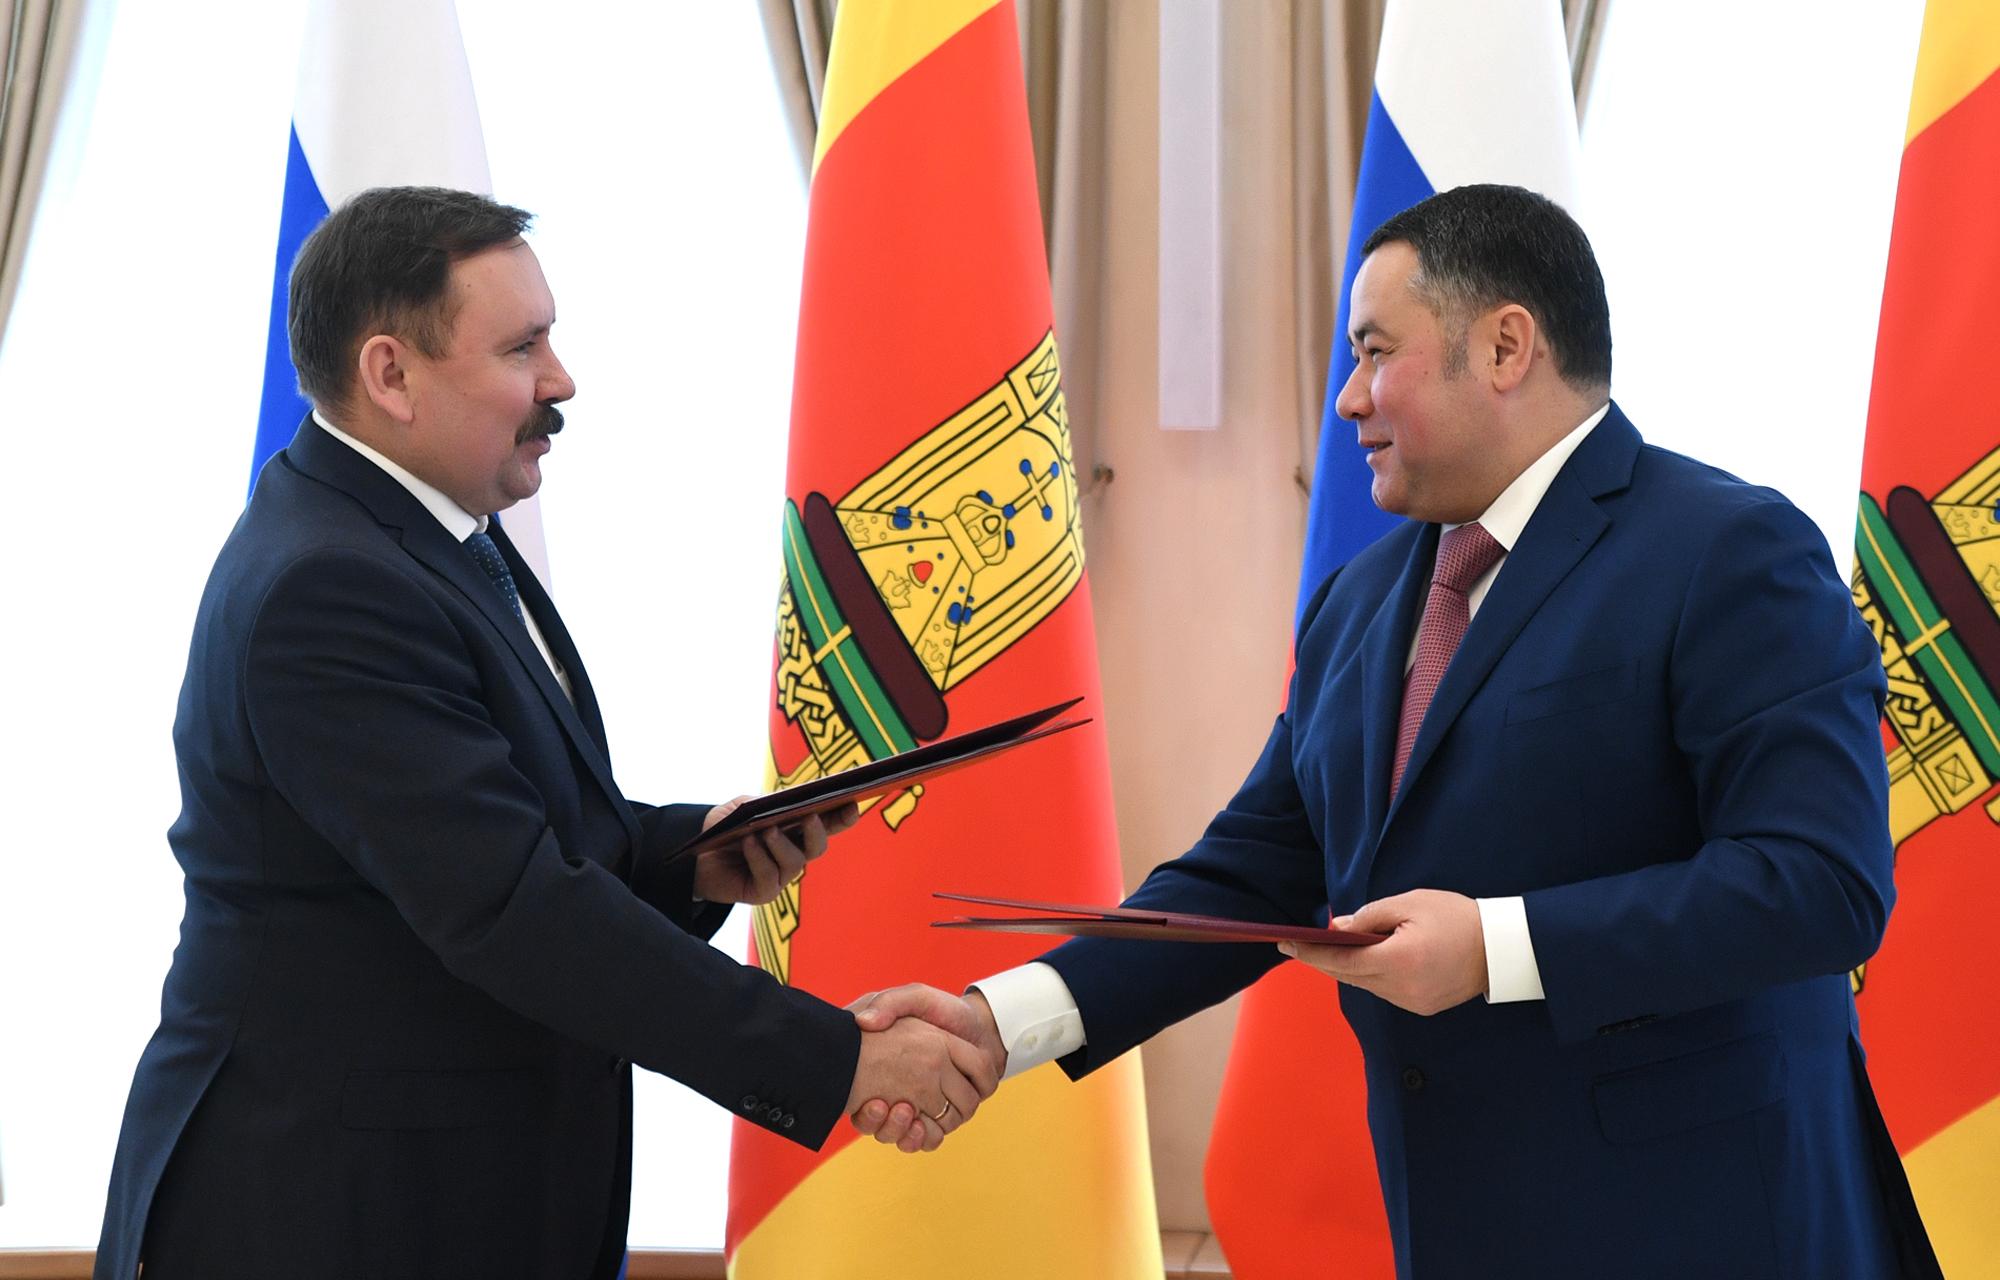 Правительство Тверской области и ФСИН России подписали соглашение о взаимодействии